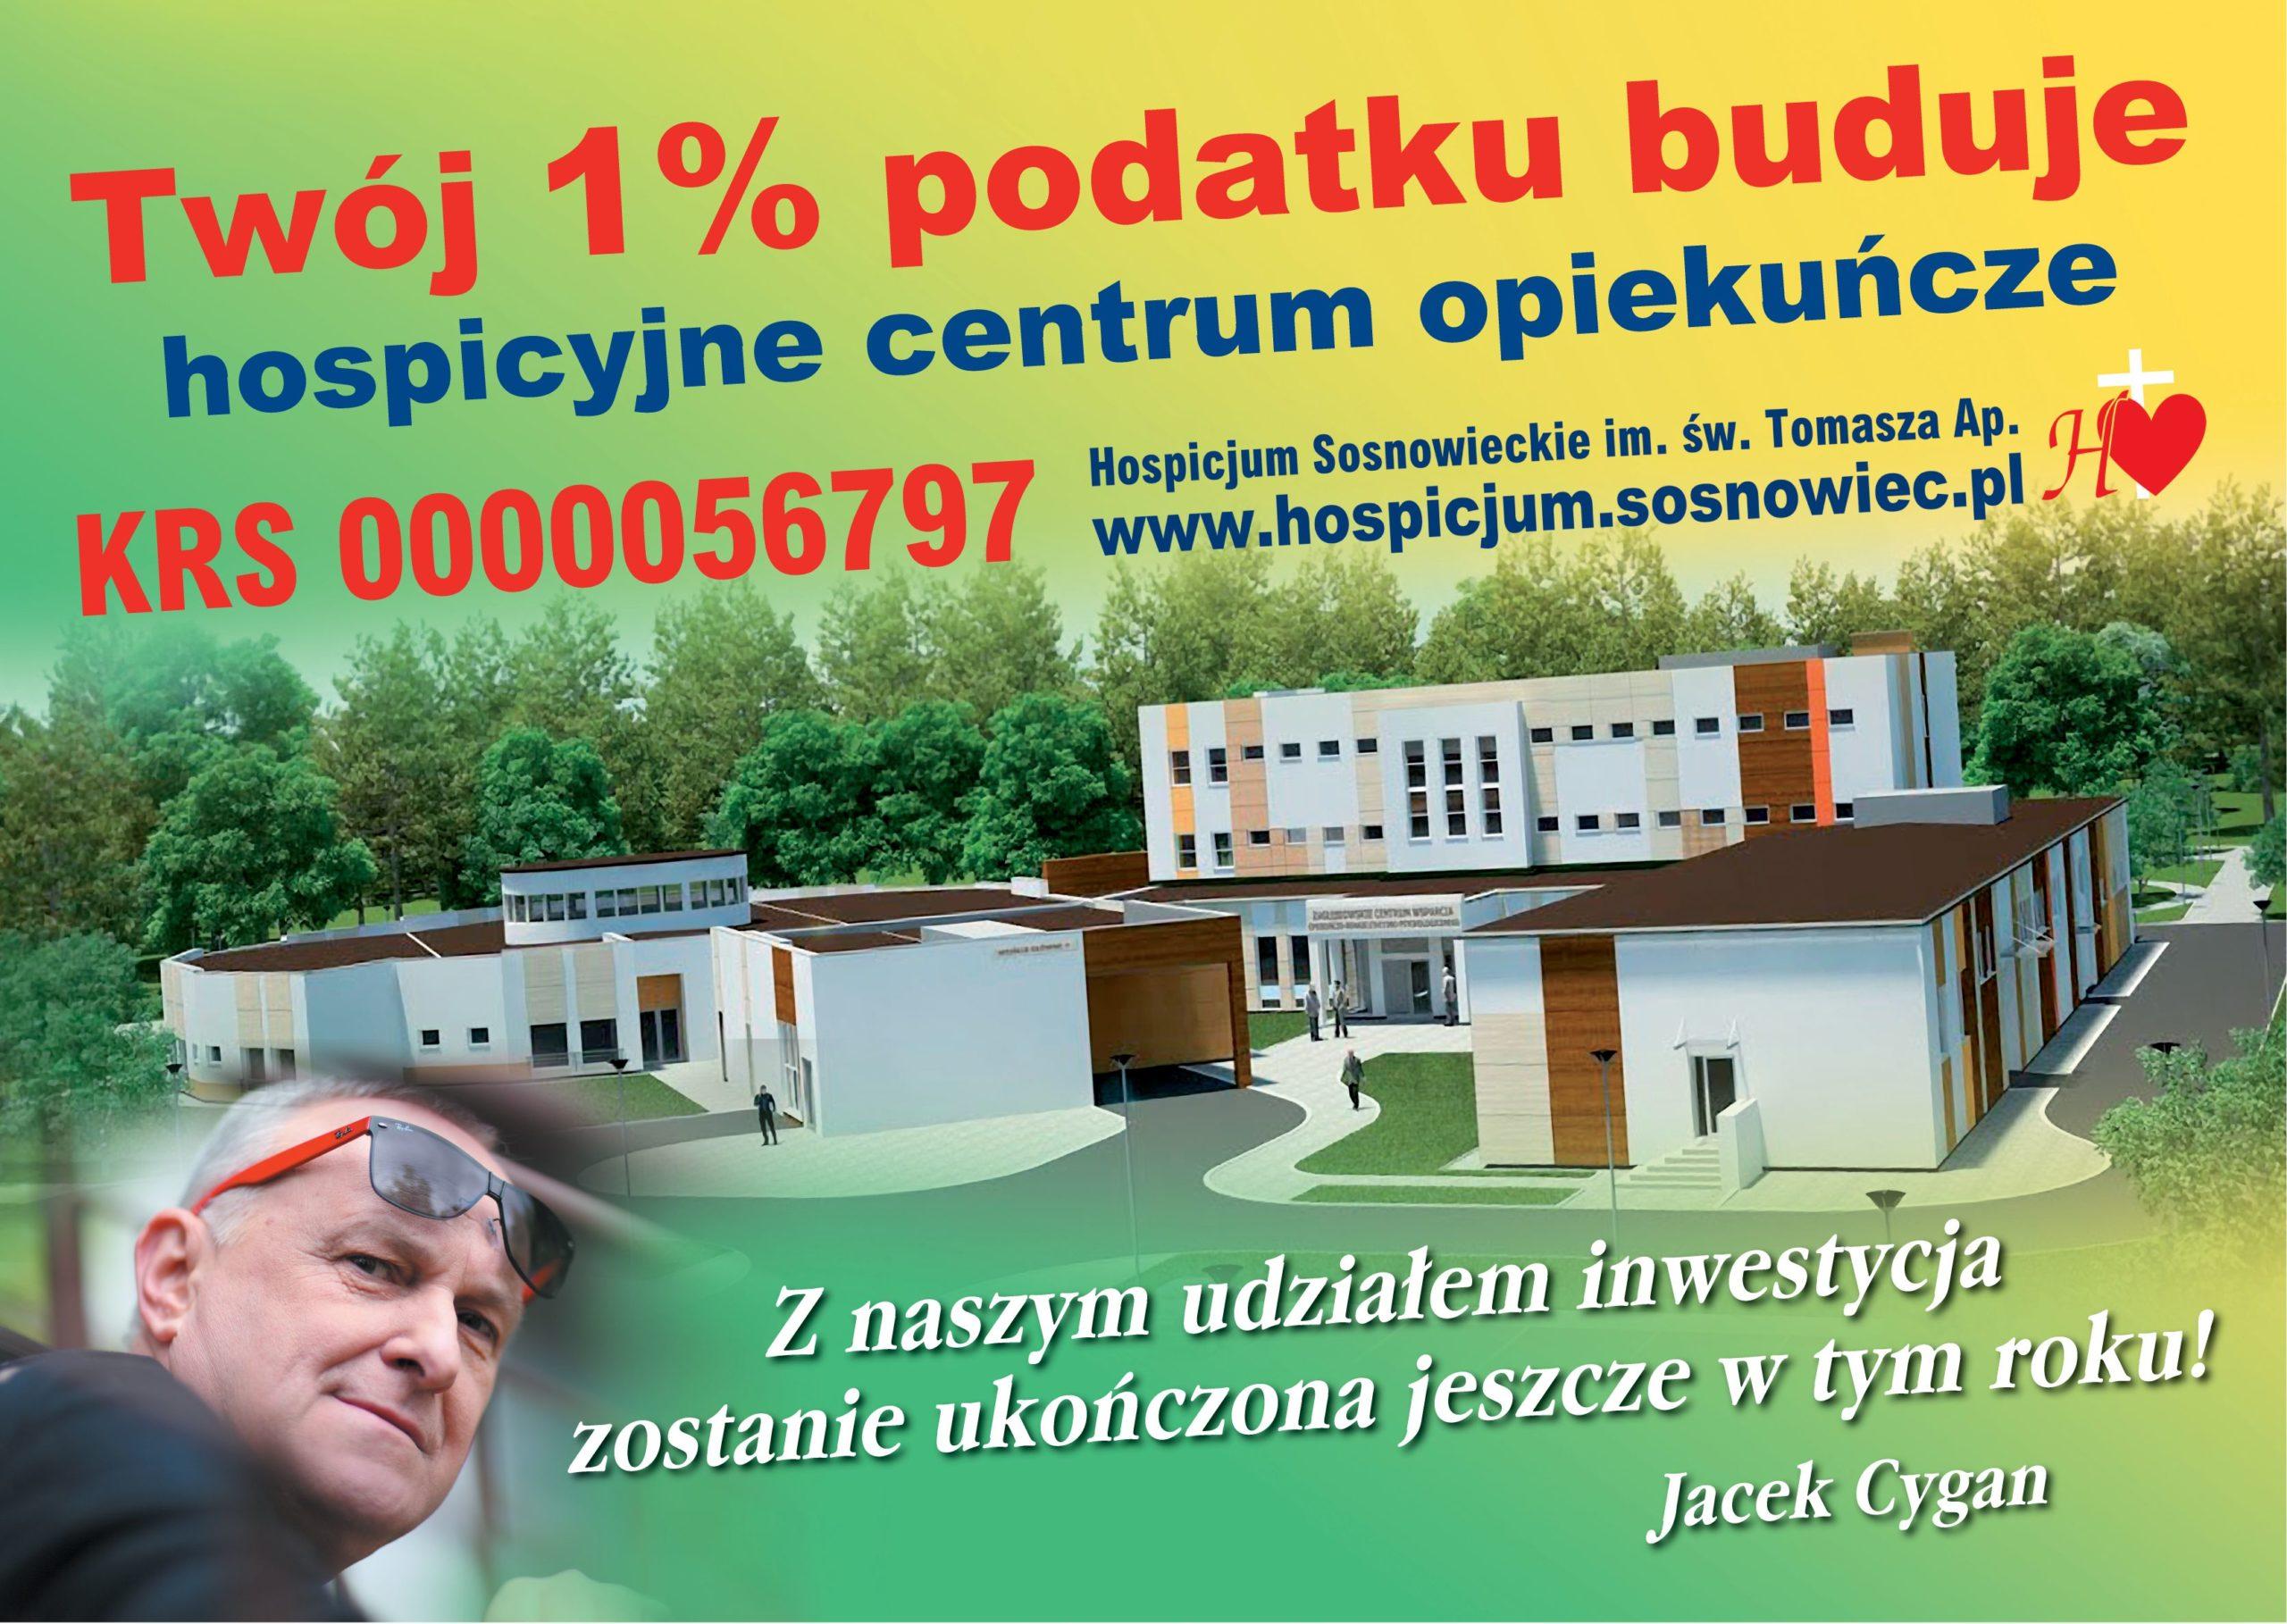 hospicjum plakat 2017 1 1